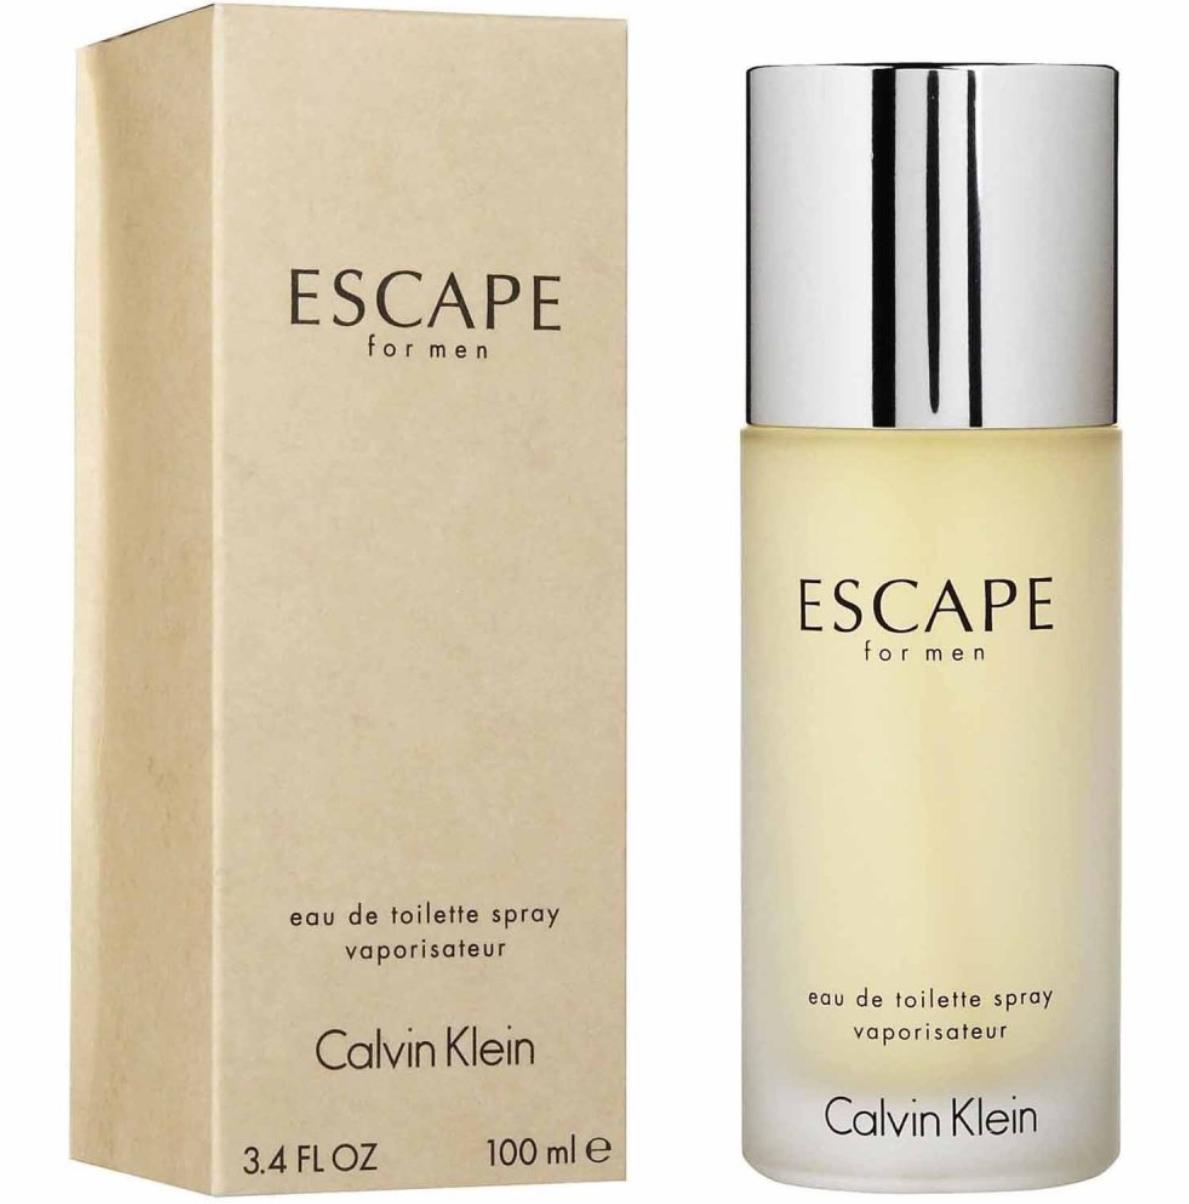 Calvin Klein - Escape for Men - eau de toilette